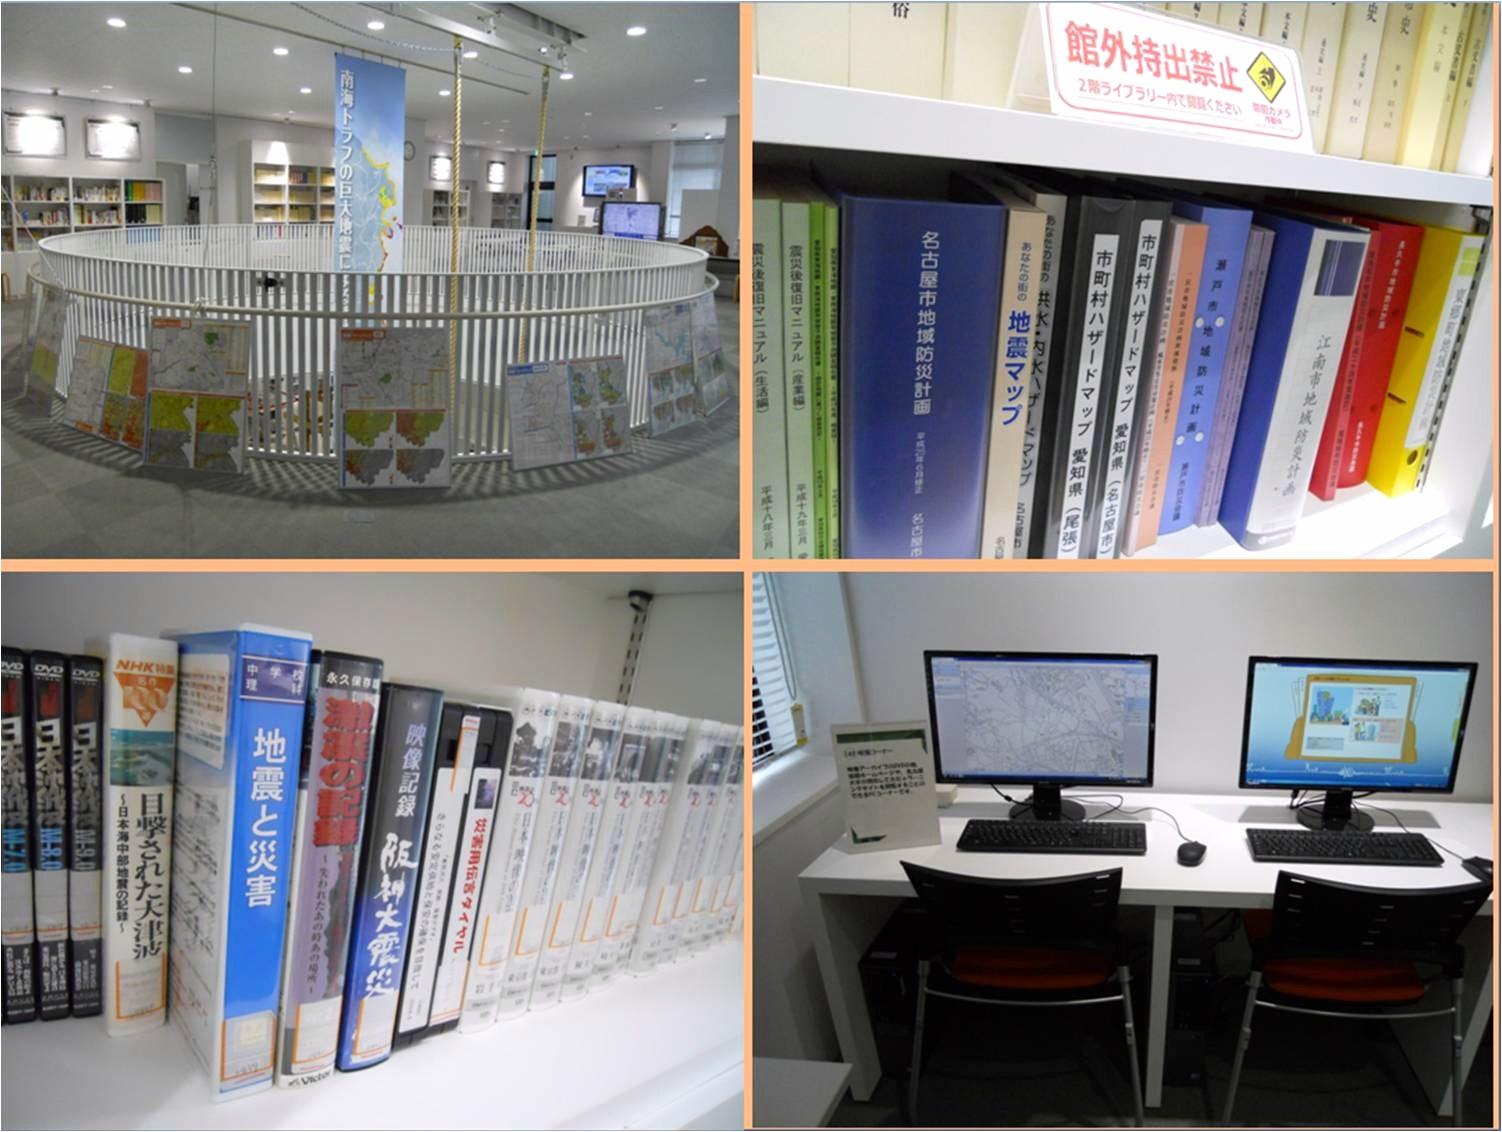 2階はライブラリーになっており、地震・災害に関する書籍や映像などの資料を閲覧することができる。このほか減災館の詳細な機能についてはホームページ内【減災館のヒミツ】に掲載されている。http://www.gensai.nagoya-u.ac.jp/?cat=16